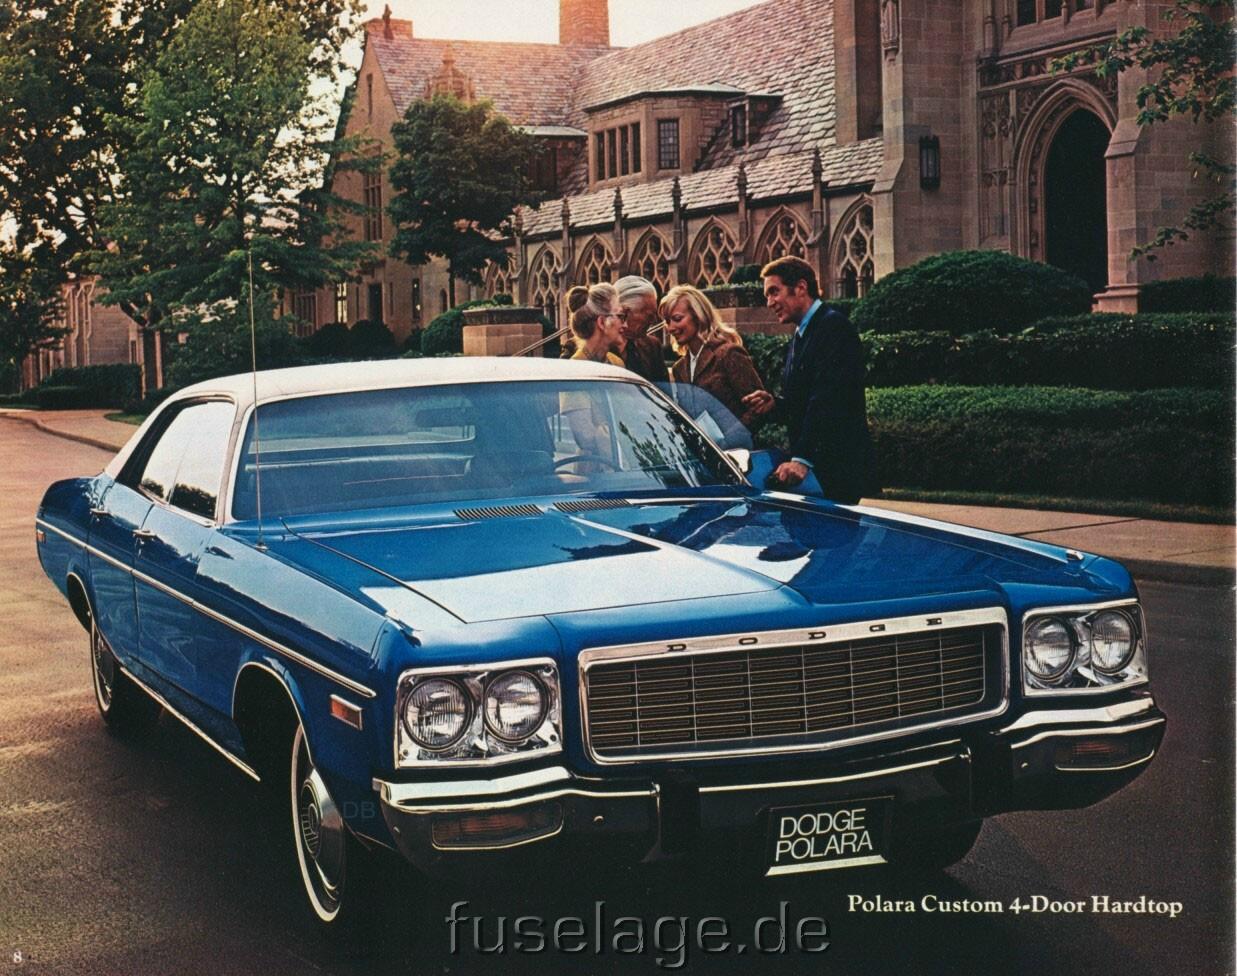 1973 Dodge Polara and Monaco Catalog